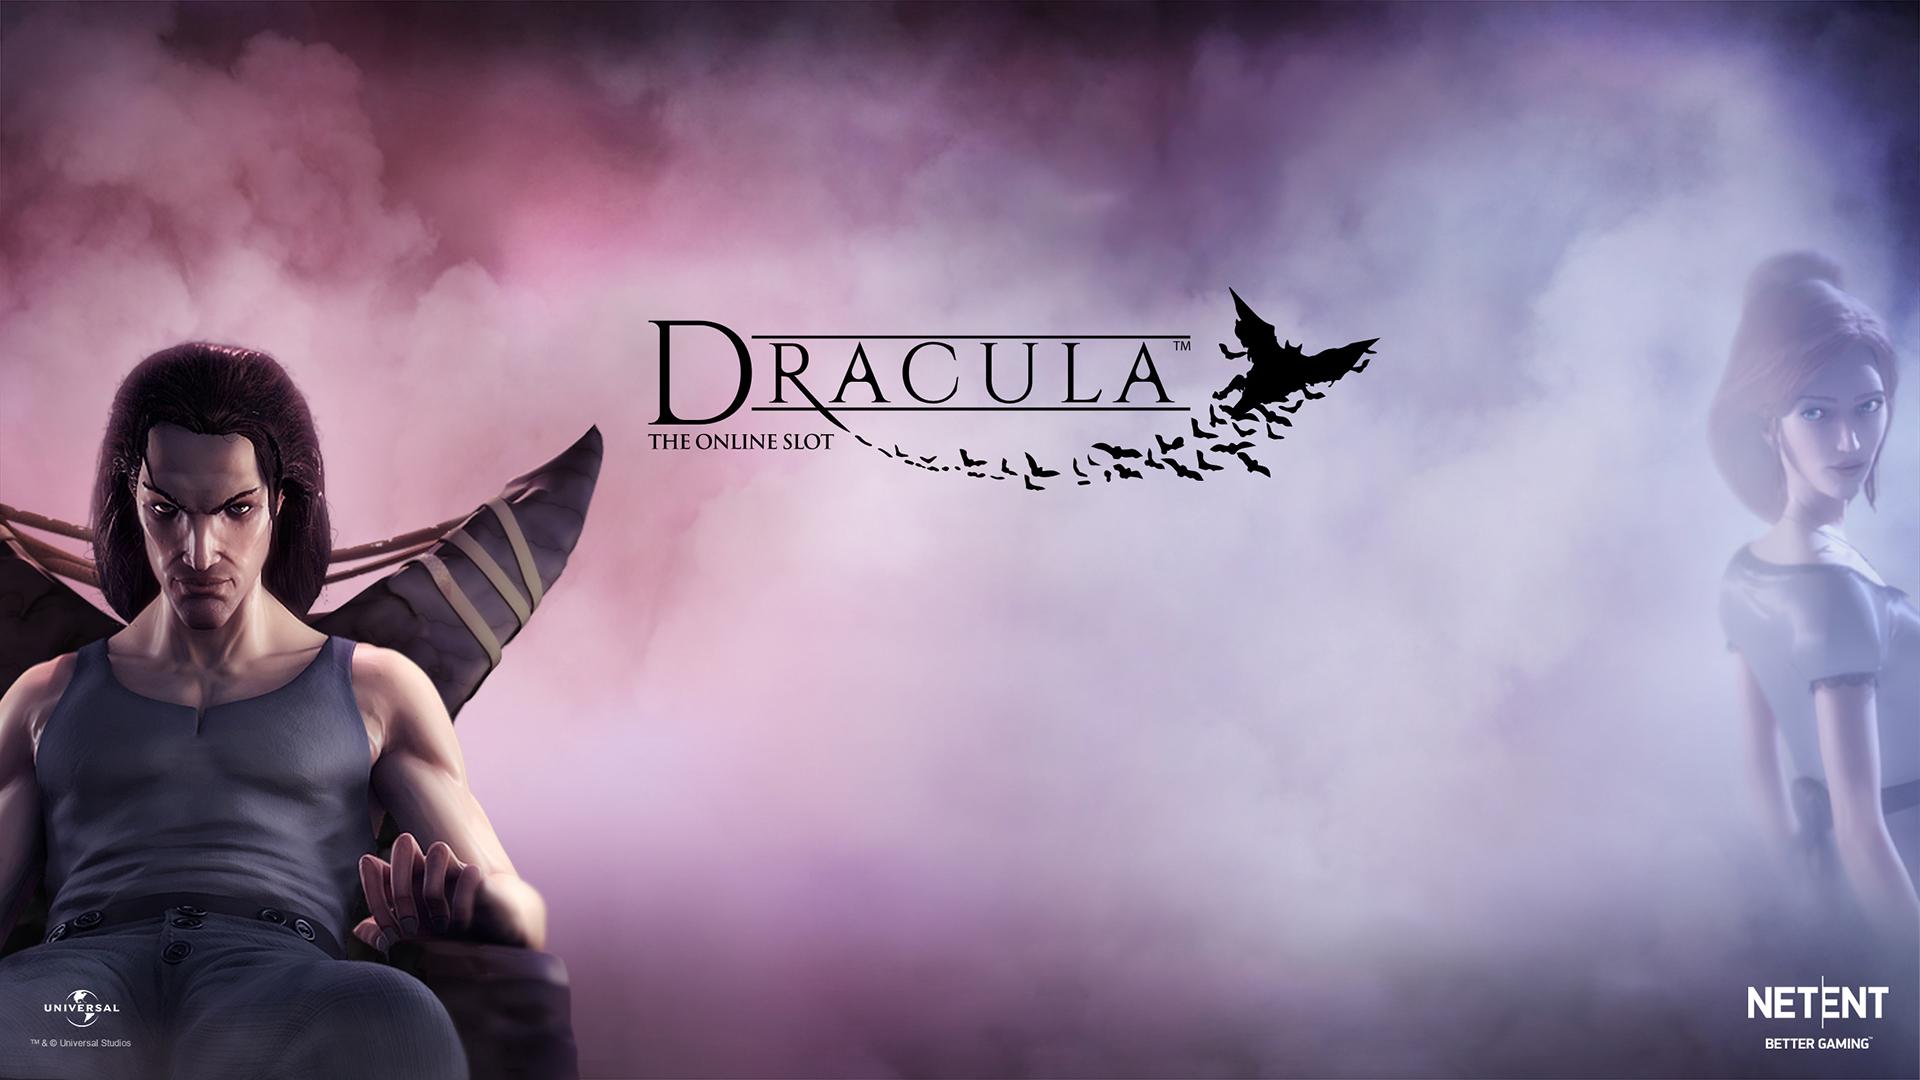 NetEnt Dracula Wallpaper 1